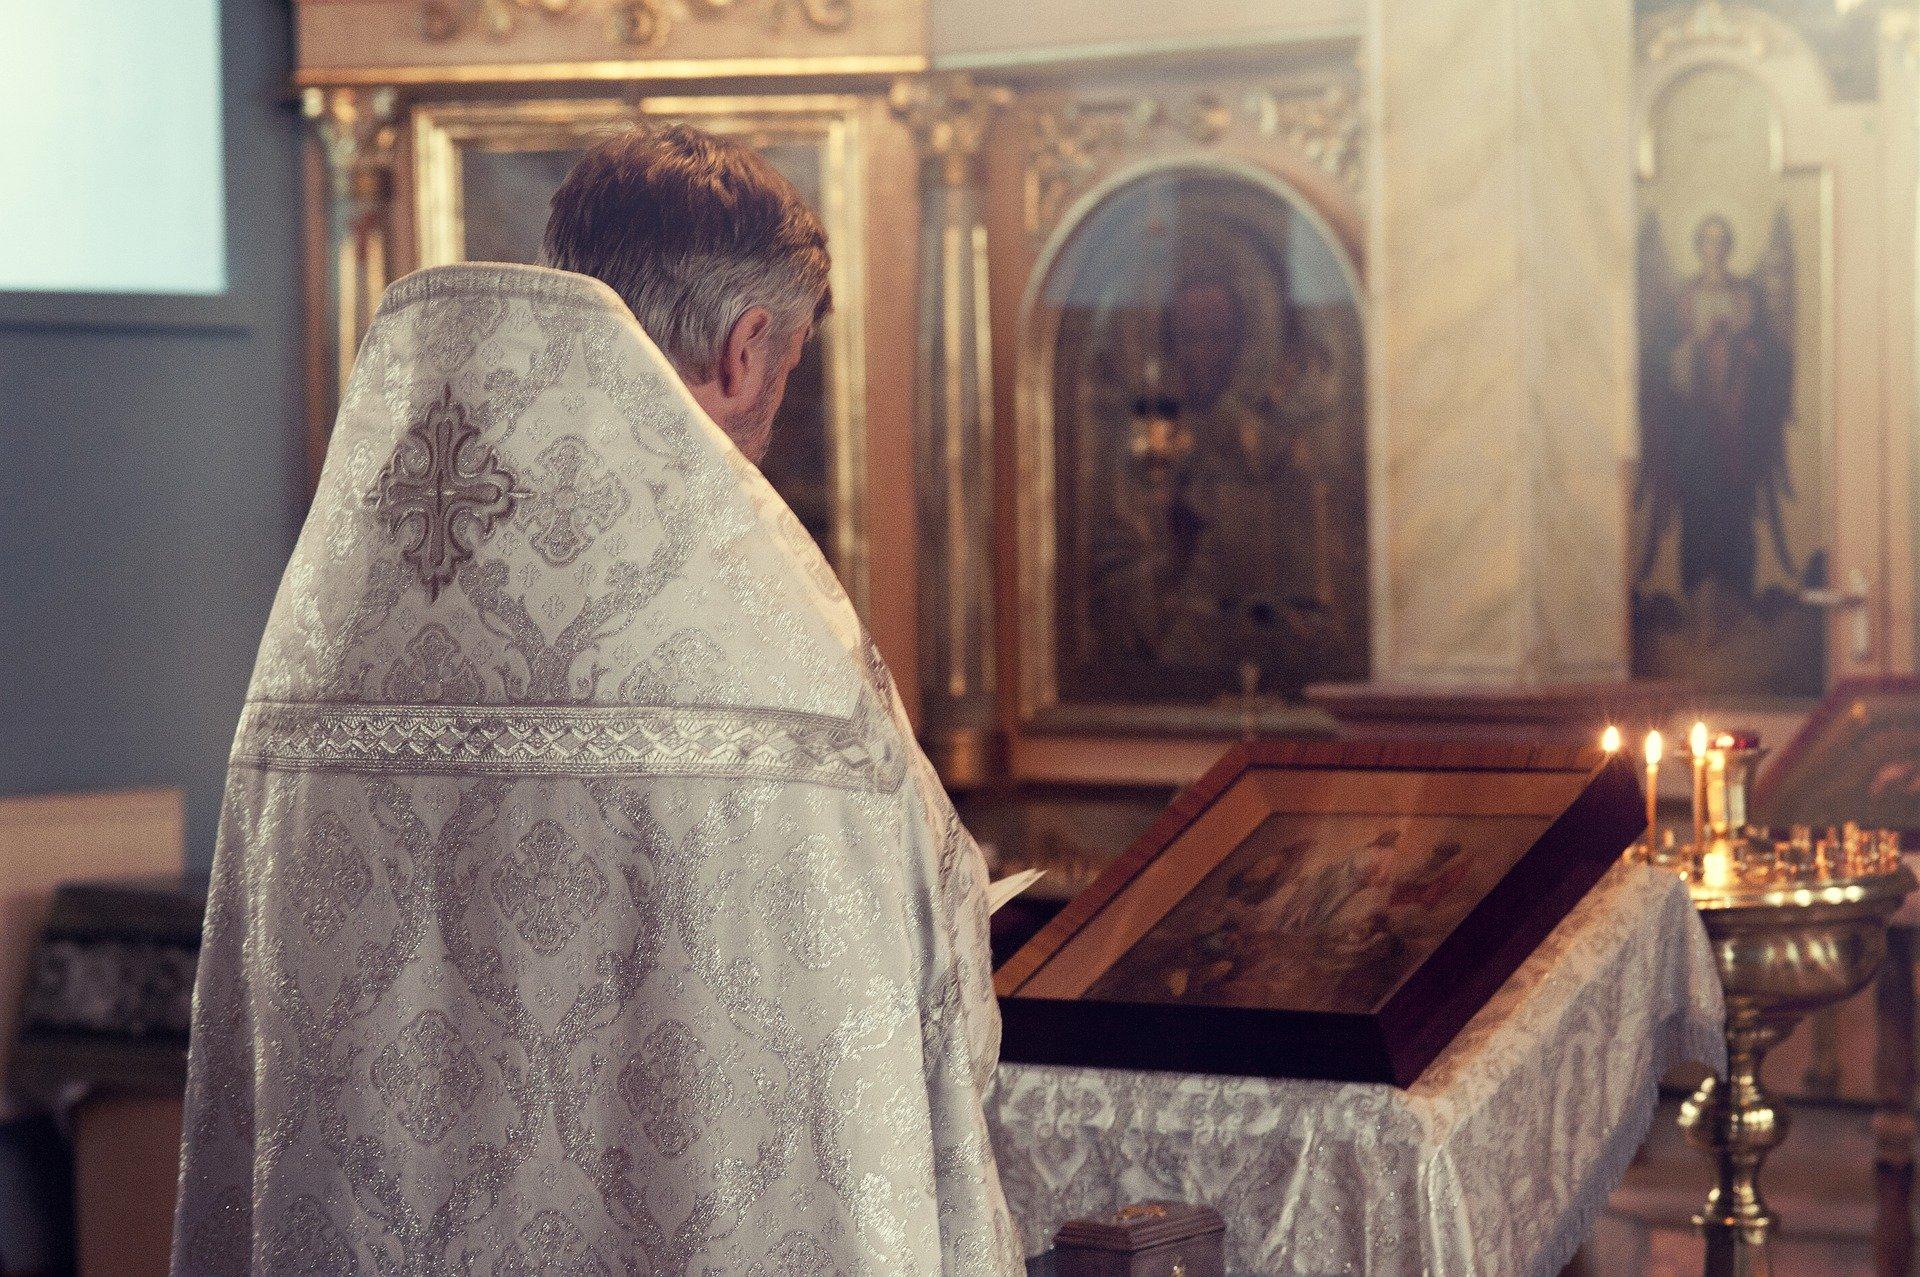 priest 2586055 1920.jpg?resize=412,275 - Chargé d'enquêter sur des abus sexuels, un évêque est lui-même accusé d'abus sexuels